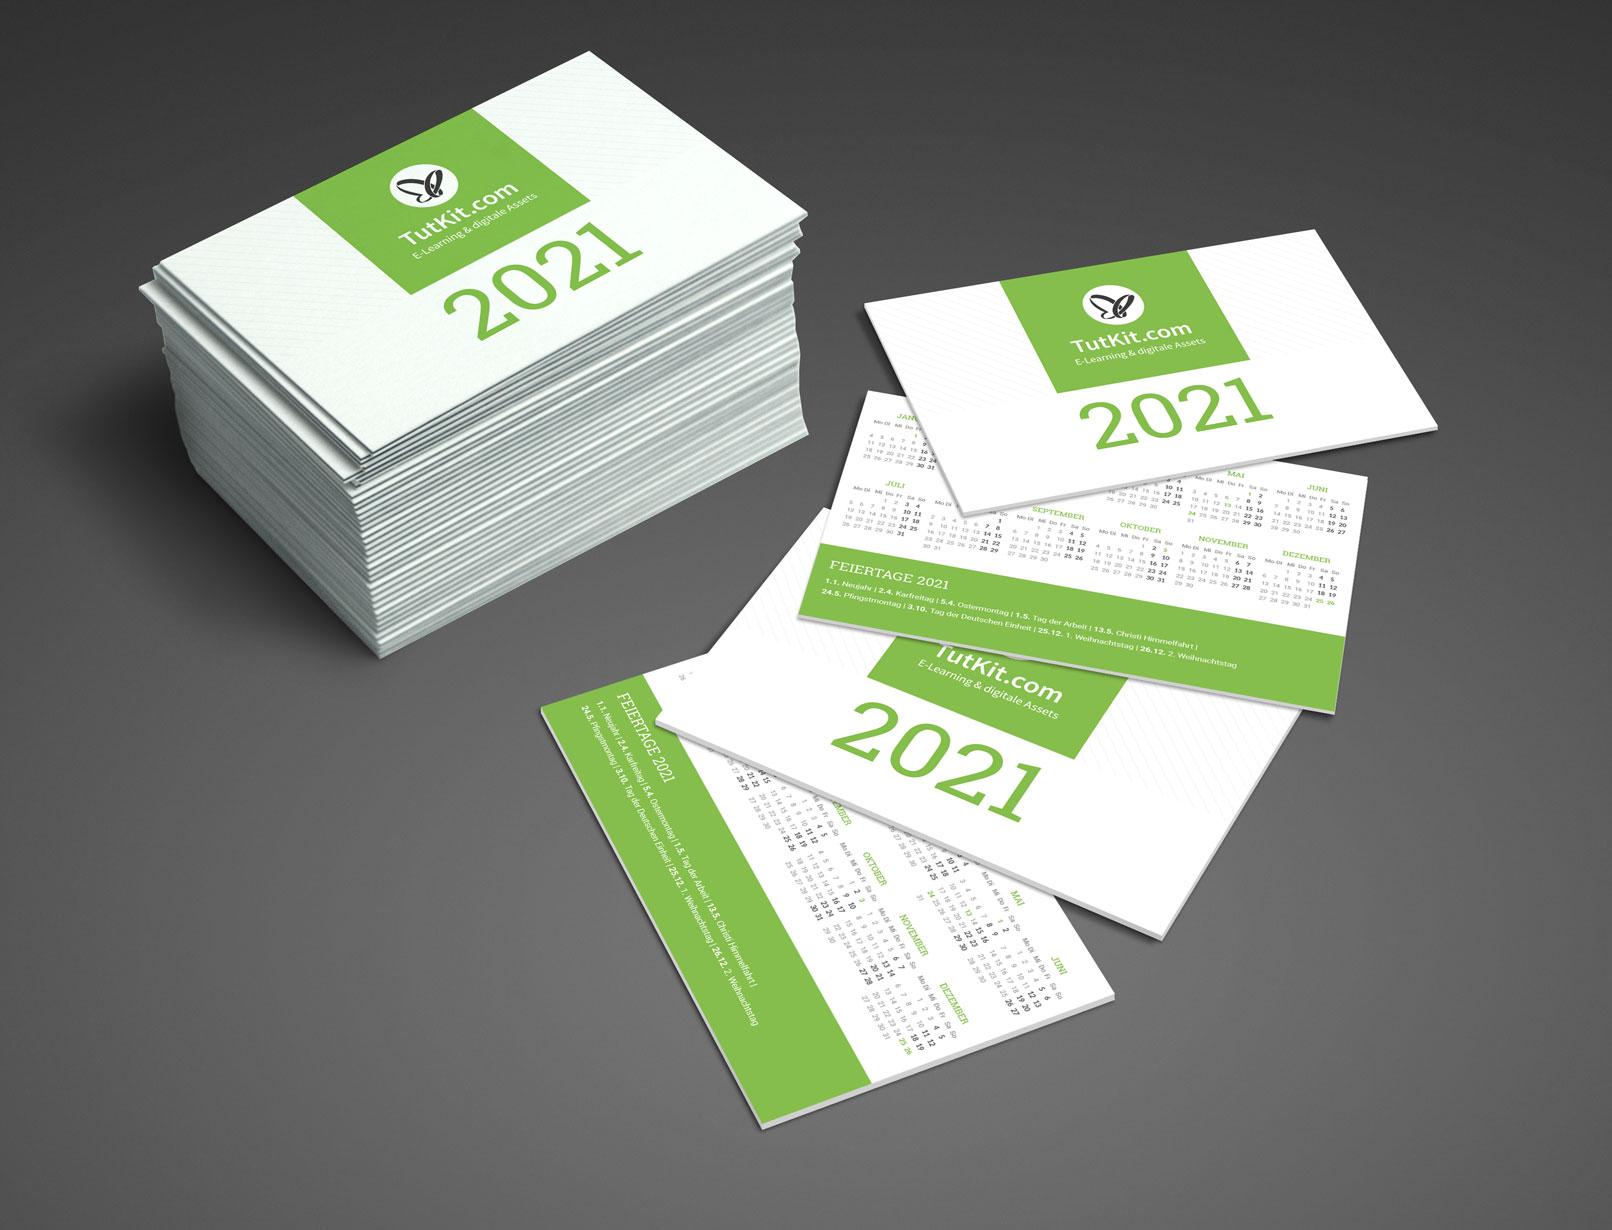 Personalisierter Business-Kalender 2021, Taschenkalender im Visitenkartenformat